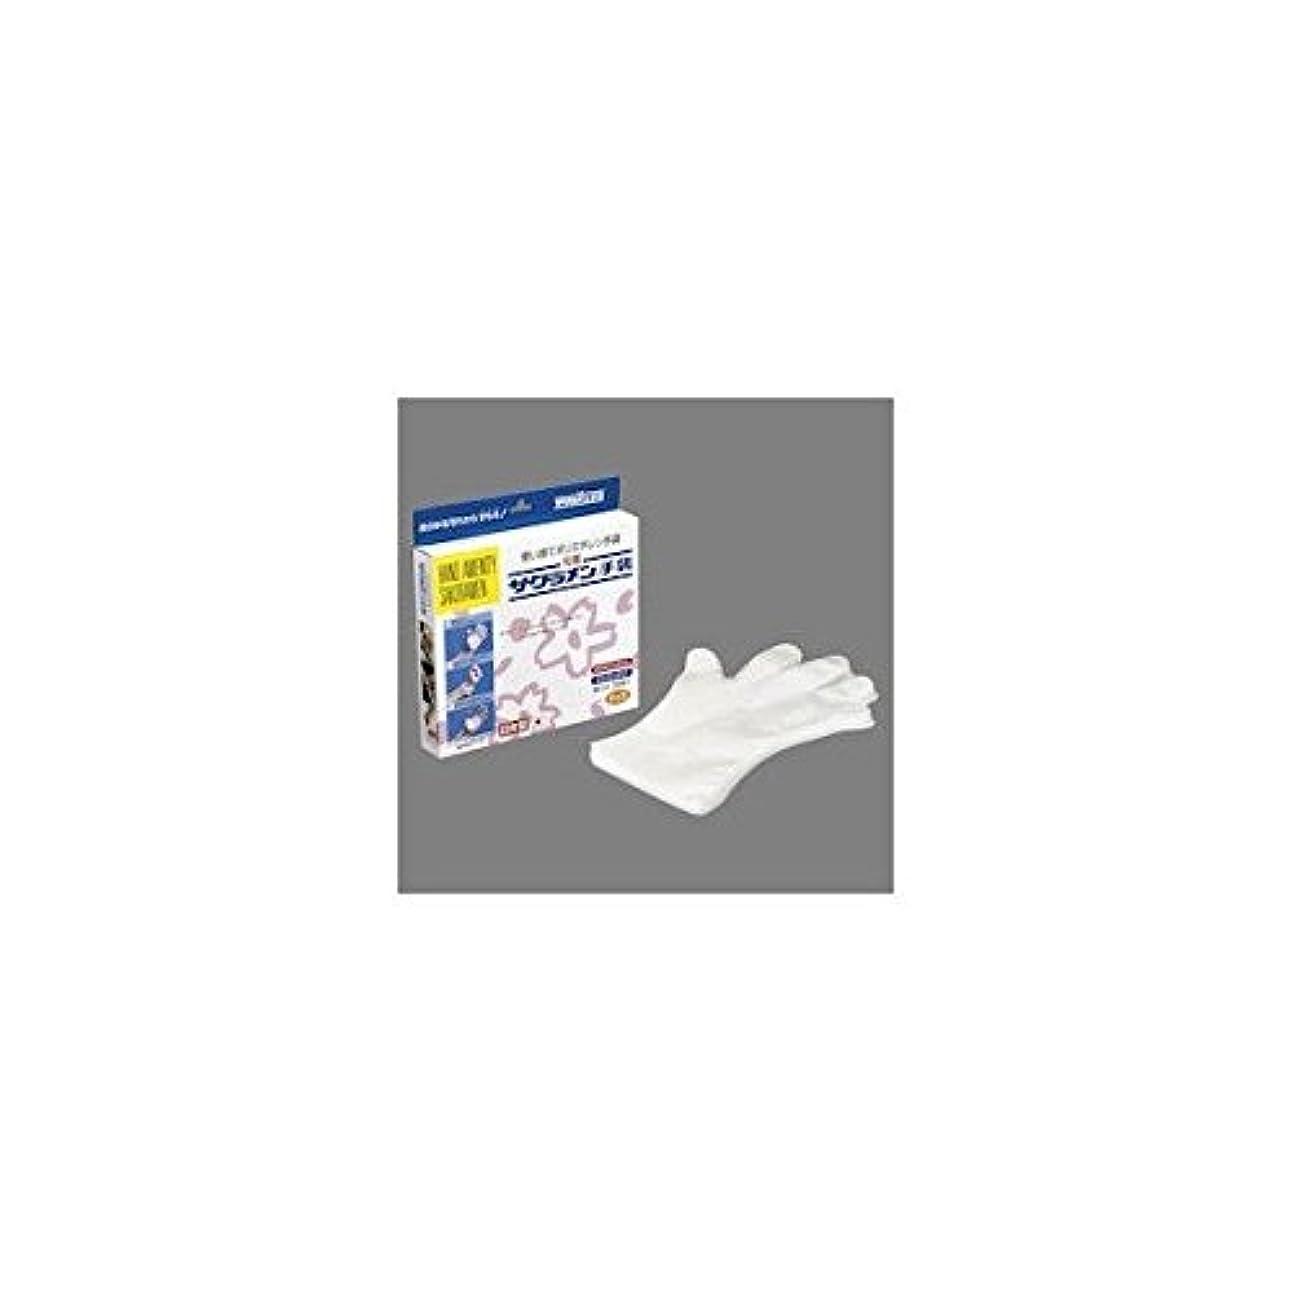 排泄するに対処するスティックサクラメン 手袋 キッズエコノミー強力A ポリエチレン (200枚入) 日本製 STBC101